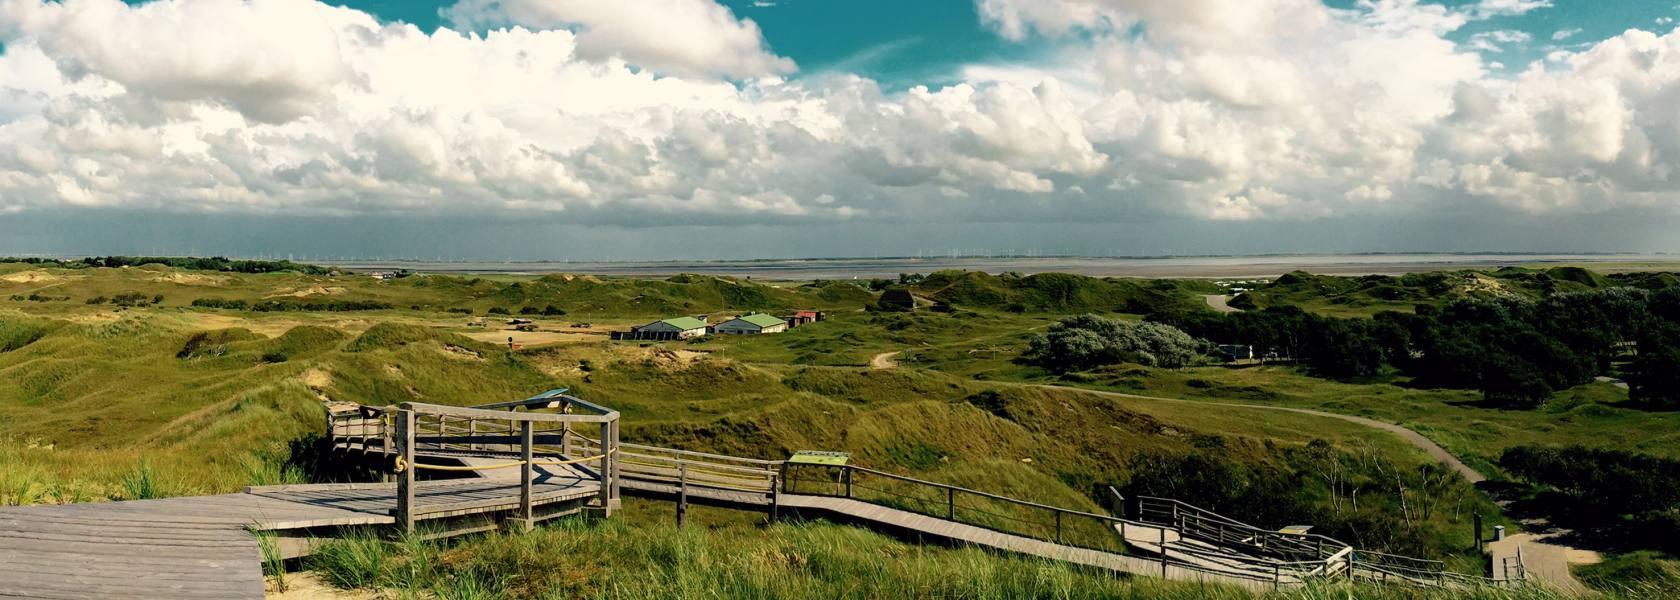 Auf den Ostfriesischen Inseln ticken die Uhren scheinbar anders. Das sorgt für besonders viel Entspannung im Inselurlaub., © Staatsbad Norderney GmbH